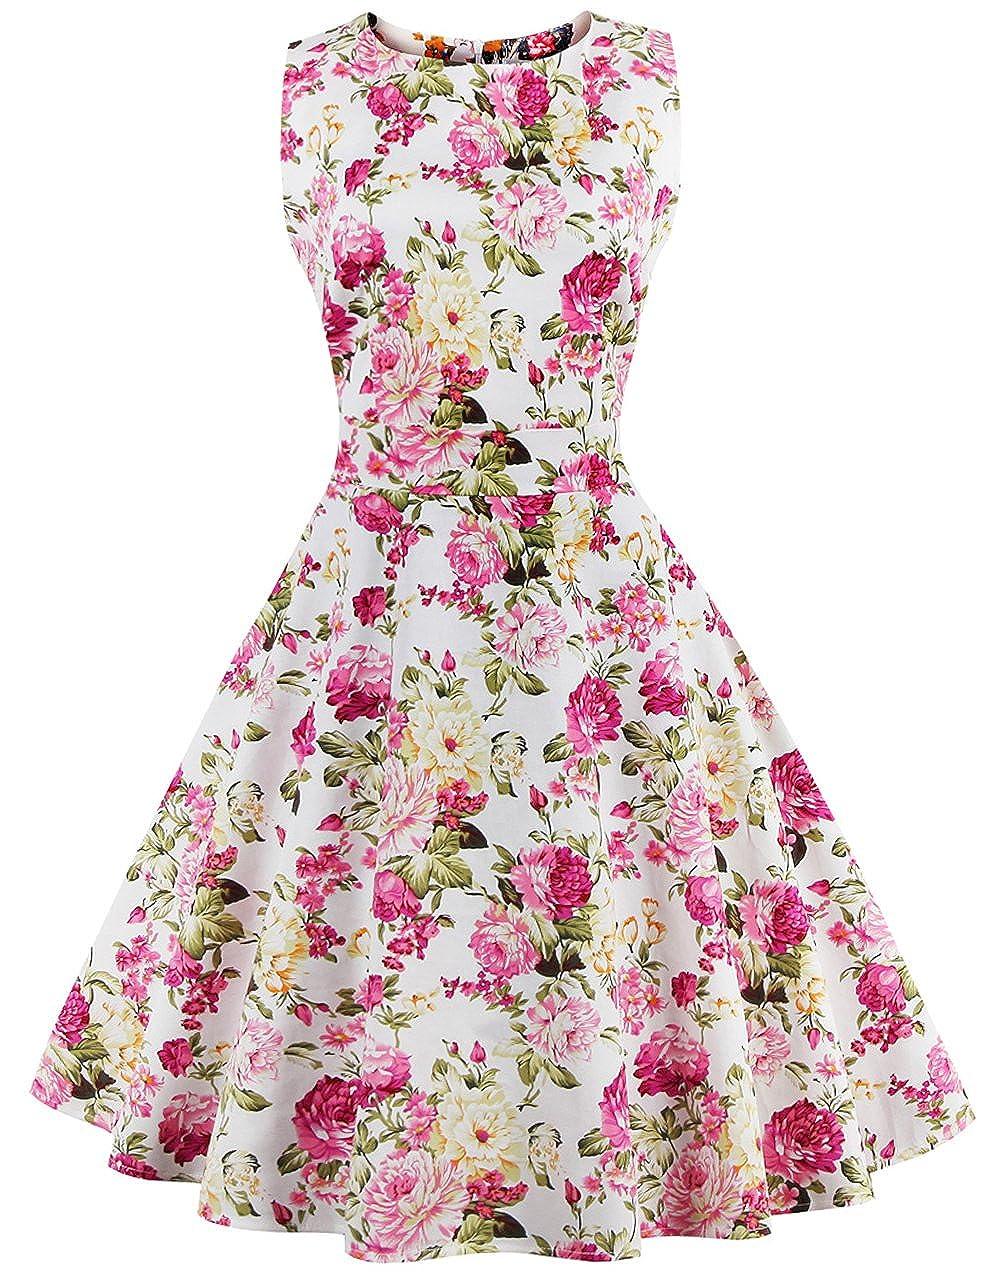 TALLA 4XL. FAIRY COUPLE 50s Vestido de Partido Floral Retro del Oscilación del Cóctel del Vintage con el Arco DRT017 Rosa Amarillo Floral 4XL